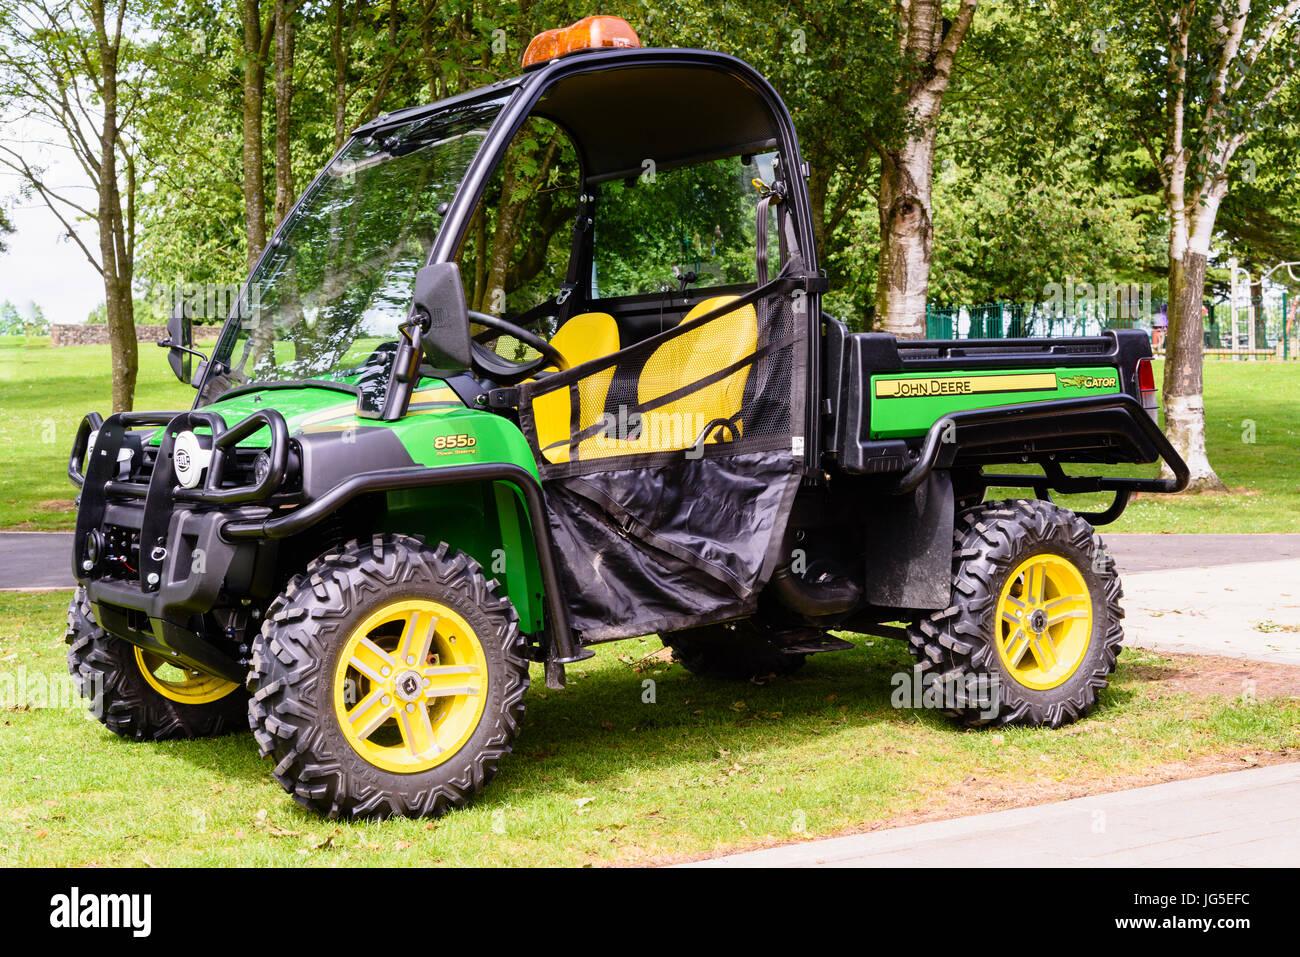 John Deere 855D Gator 4 x 4 Antrieb Pickup von Platzwarte Allrad für die Aufrechterhaltung der Parks, Golfplätze Stockfoto